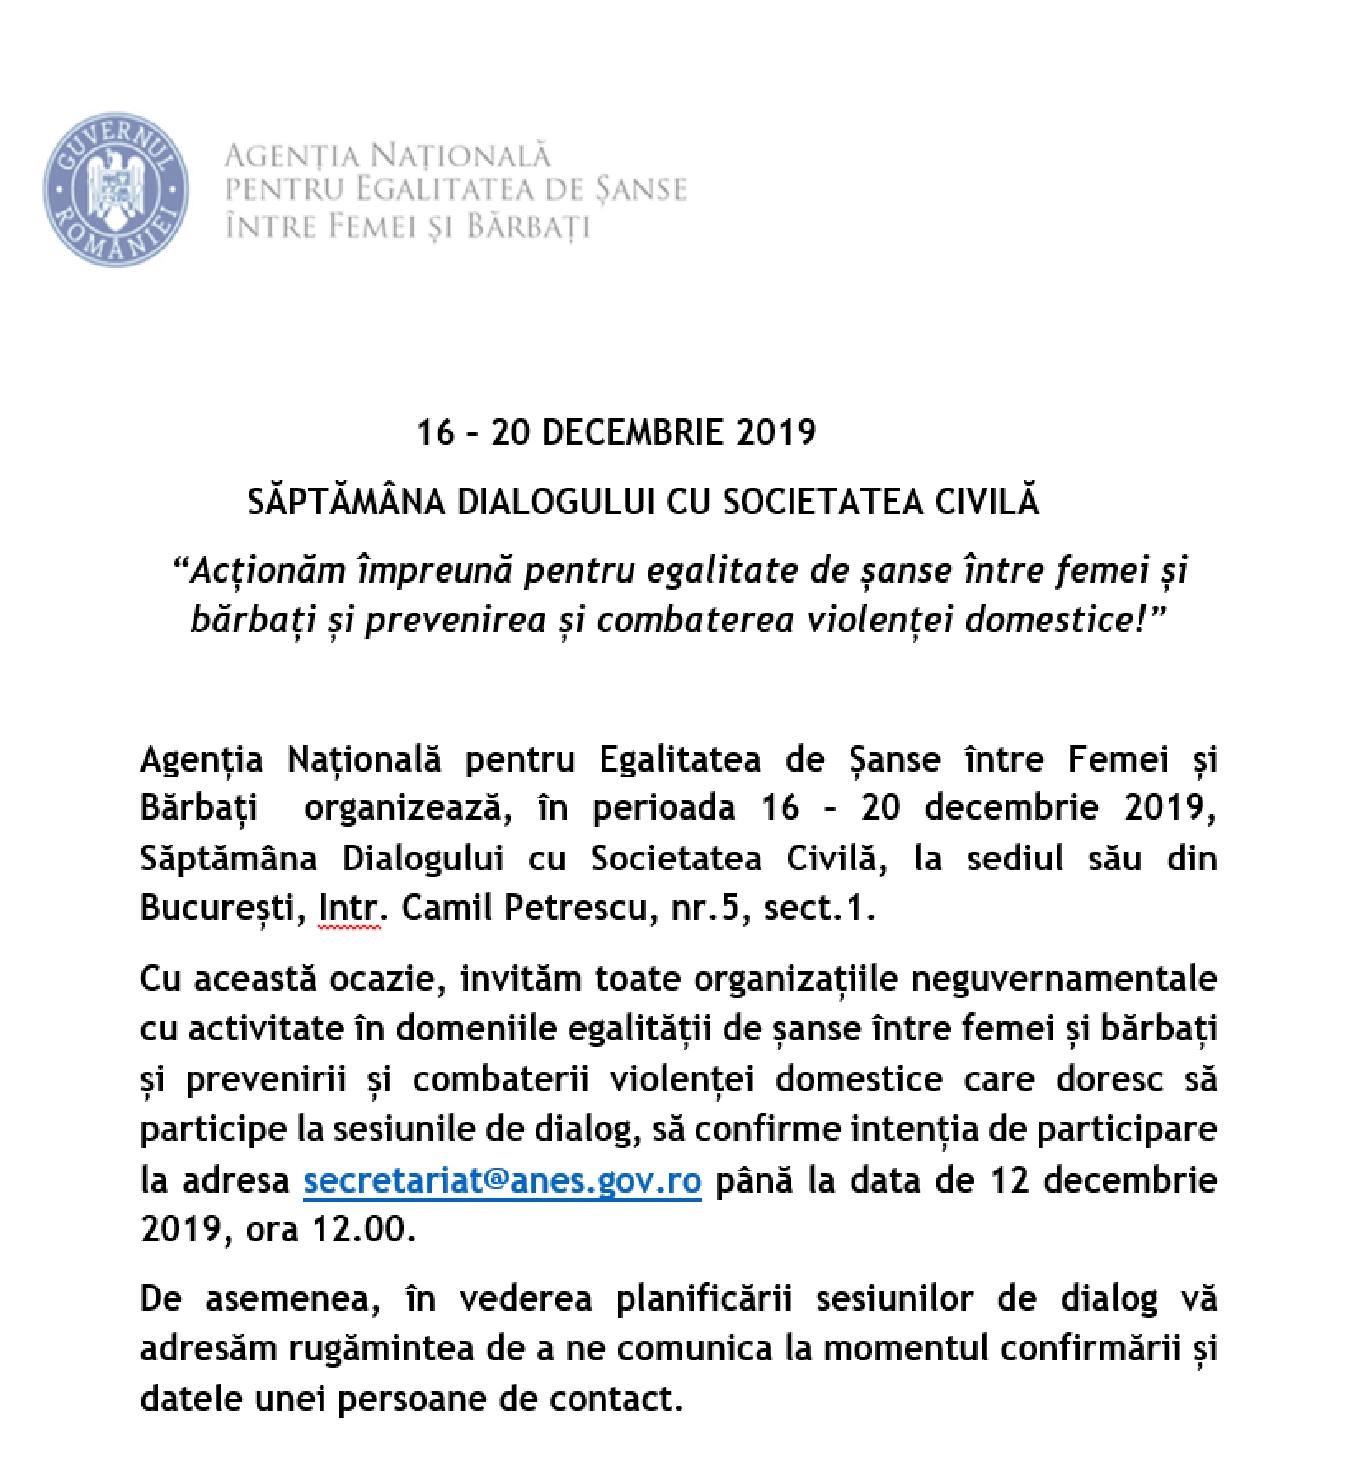 SĂPTĂMÂNA DIALOGULUI CU SOCIETATEA CIVILĂ 16 – 20 DECEMBRIE 2019